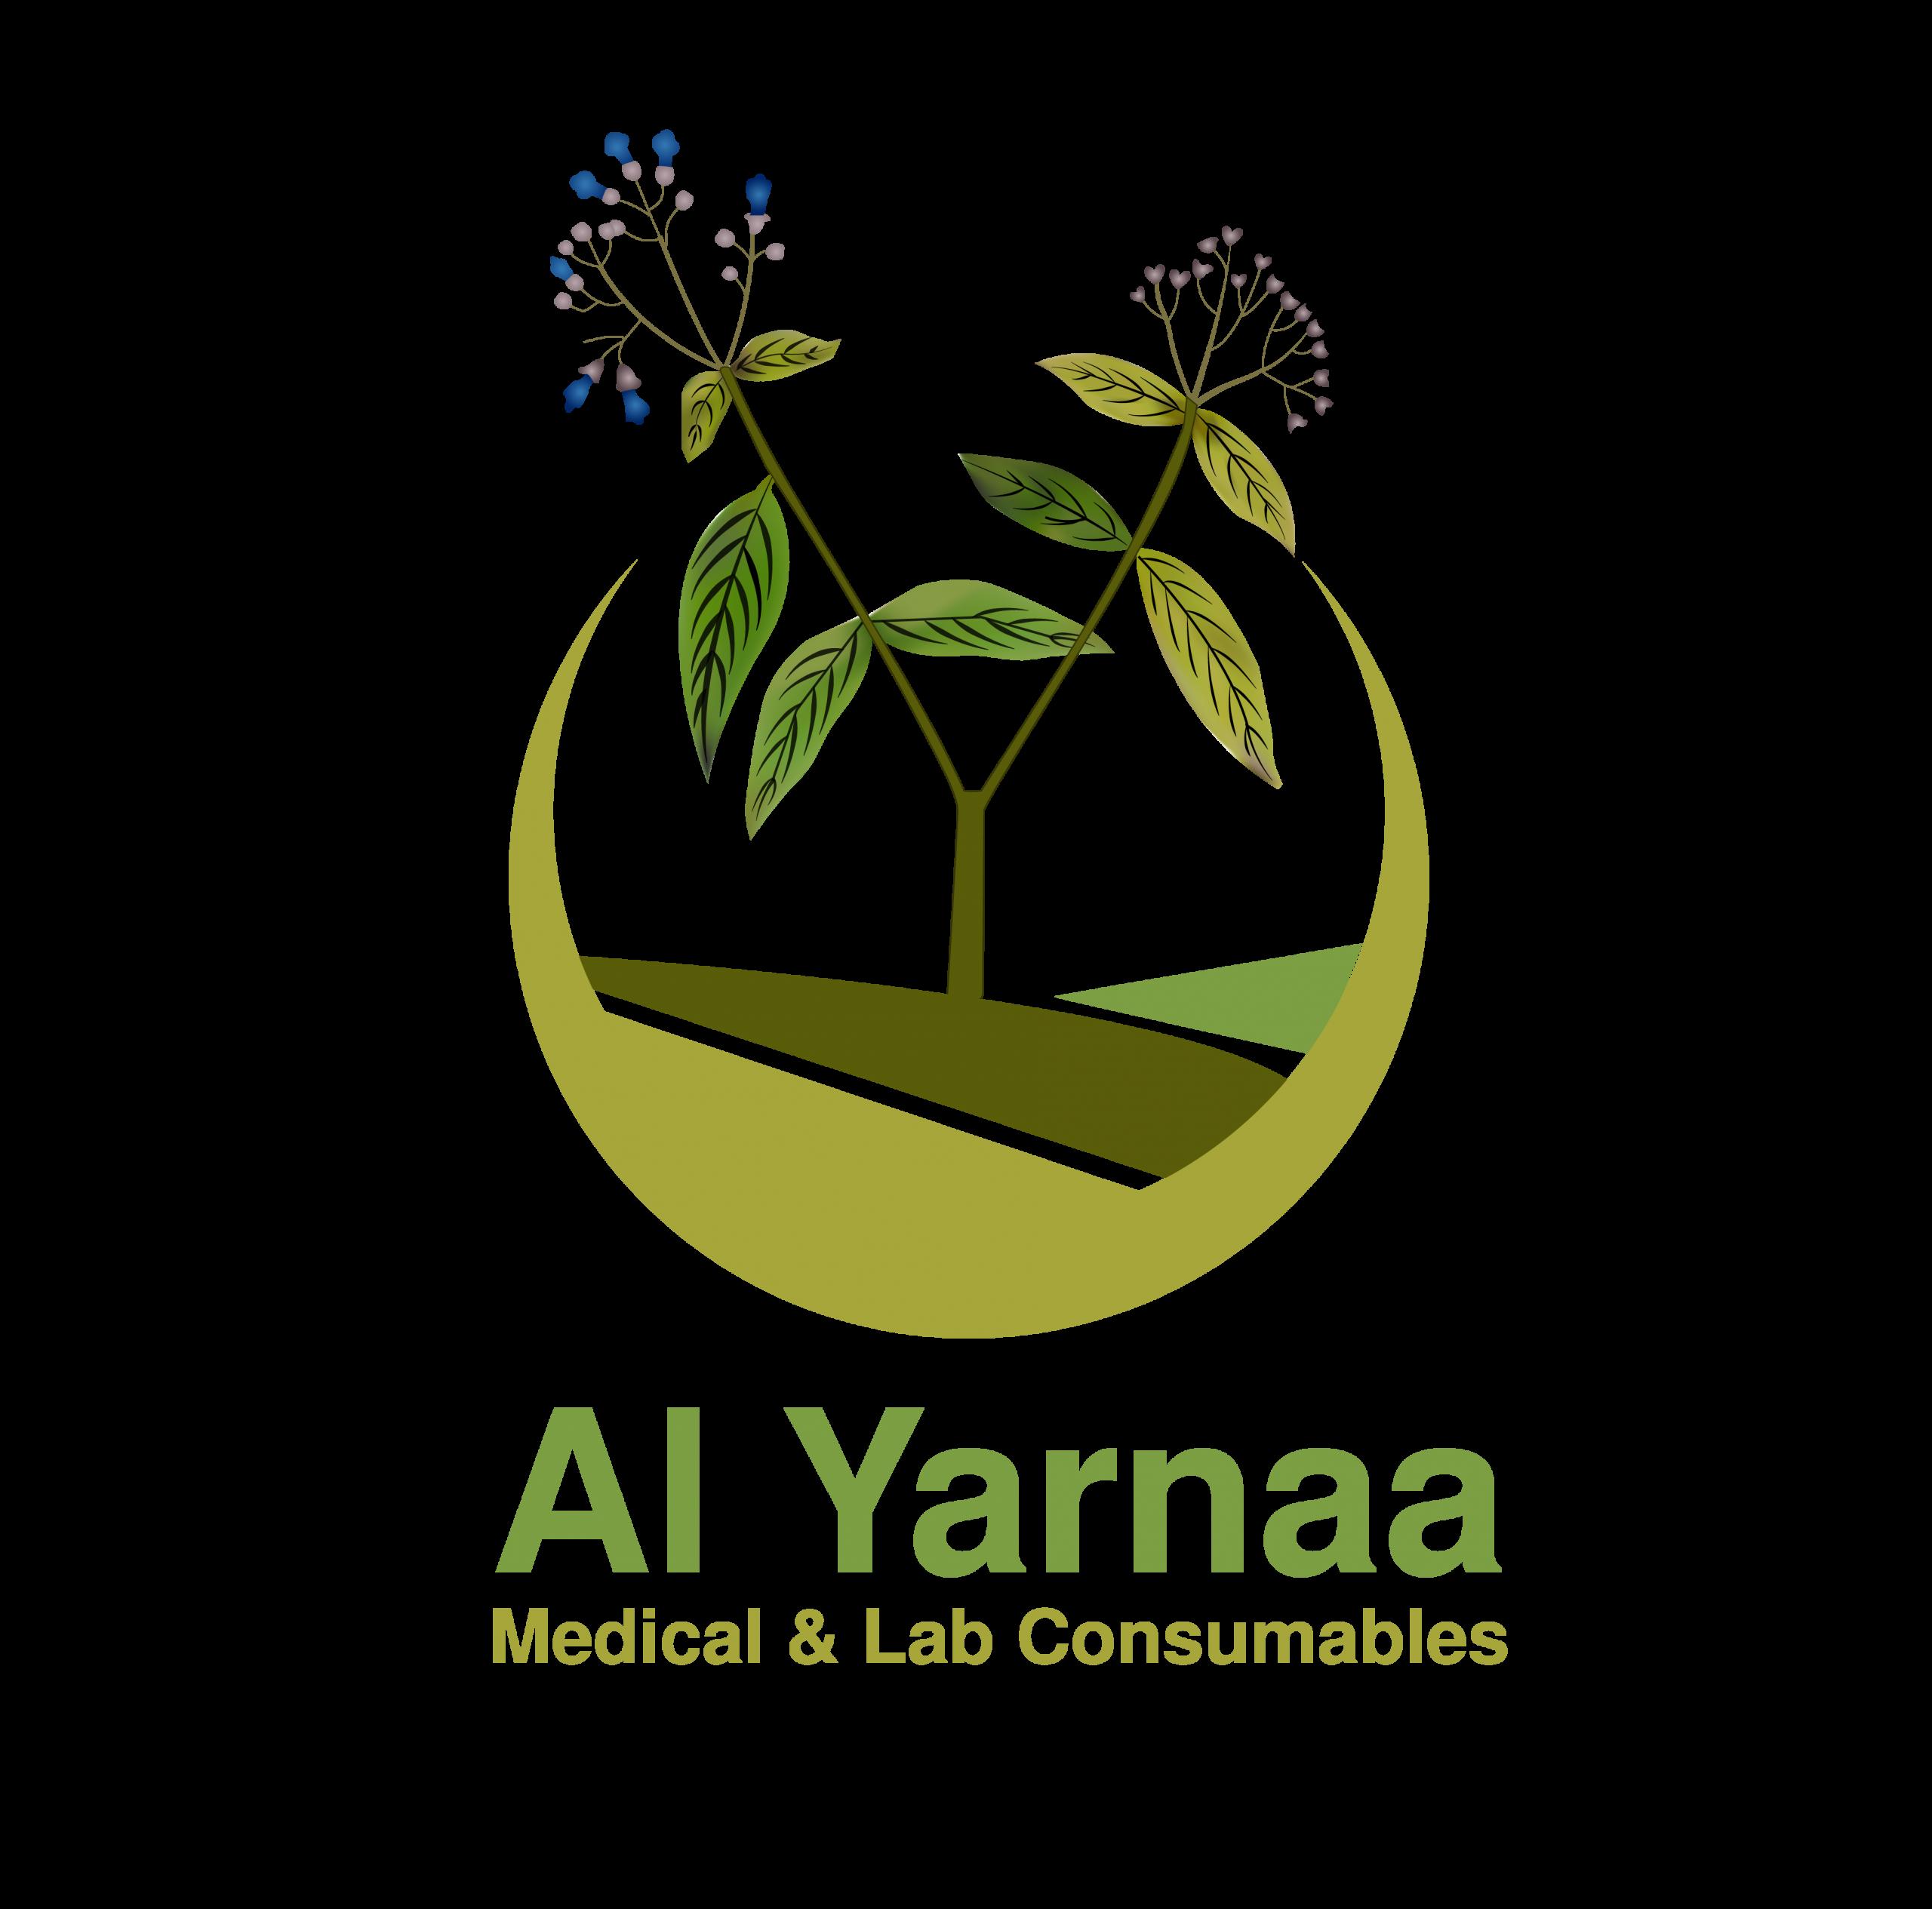 Alyarnaa Medical & Lab Consumables Est. _اليرنـــــــاء للمستهلكات الطبية والمخبرية